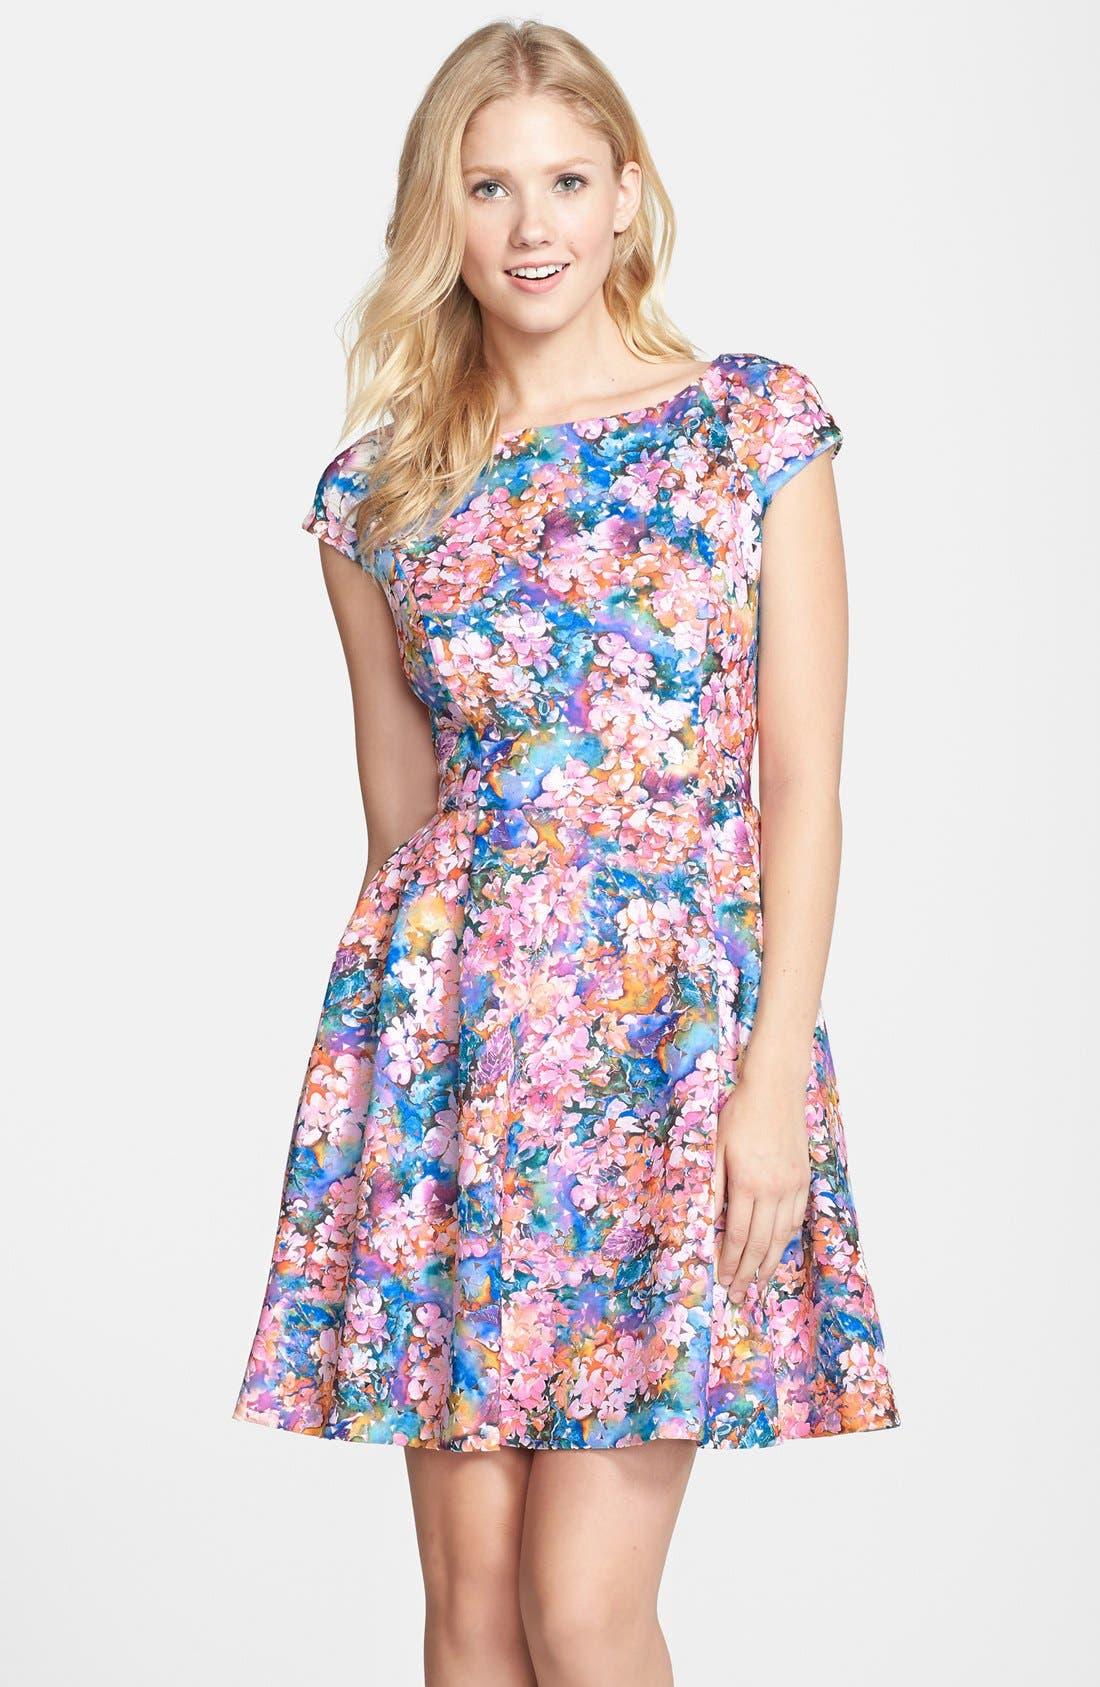 BETSEY JOHNSON Laser Cut Floral Print Scuba Fit & Flare Dress, Main, color, 650